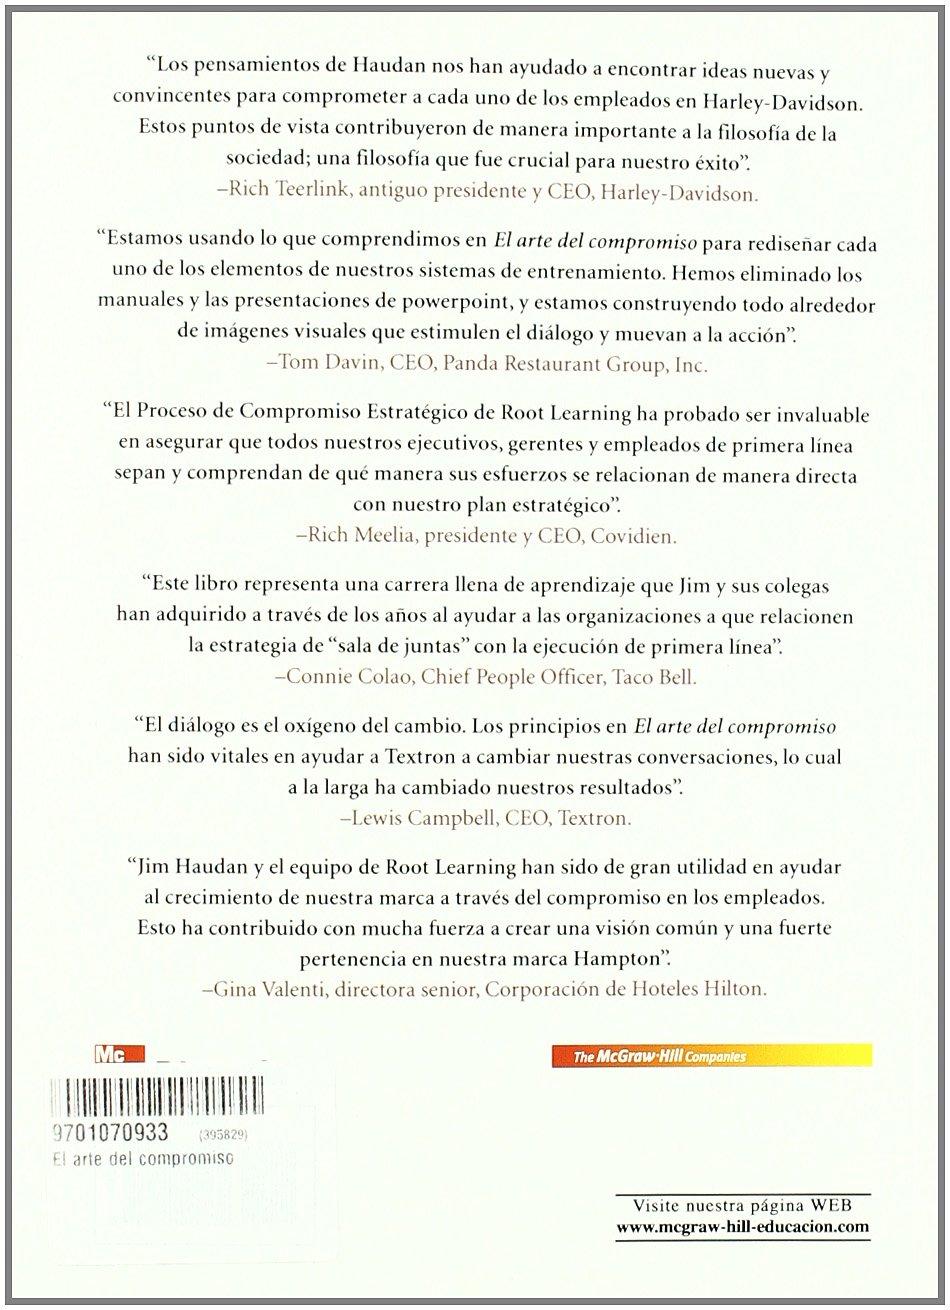 El Arte Del Compromiso (Spanish Edition): Jim Haudan: 9789701070932 ...